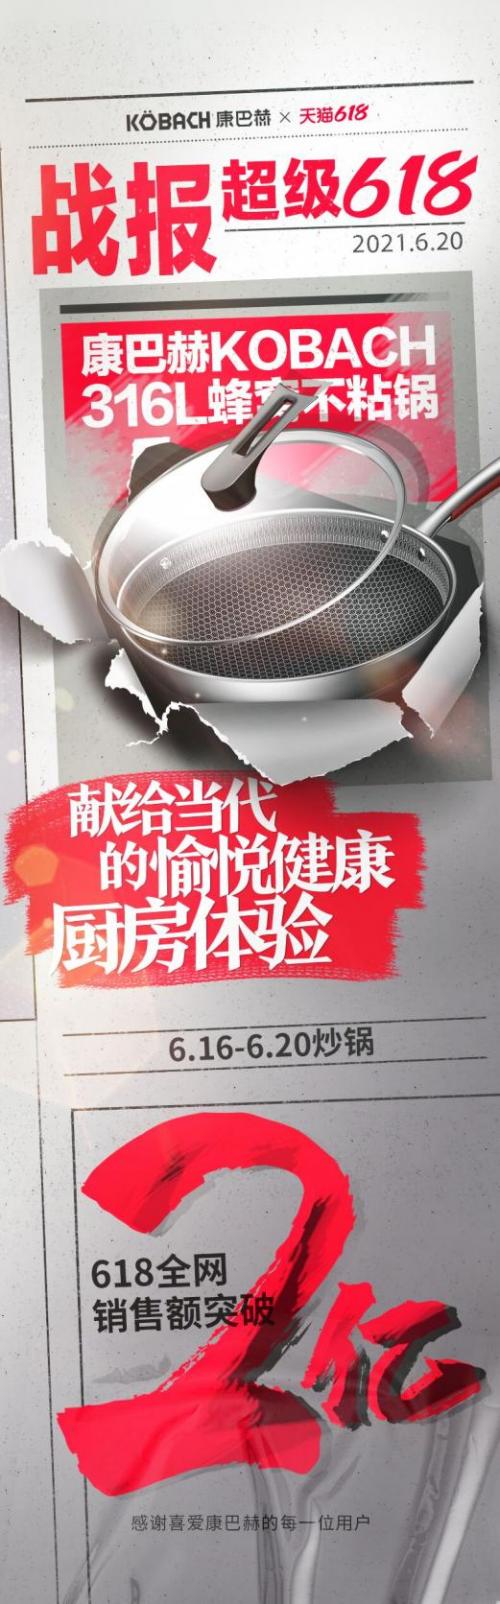 康巴赫618销售额破2亿,品类爆款蜂窝锅再创神话